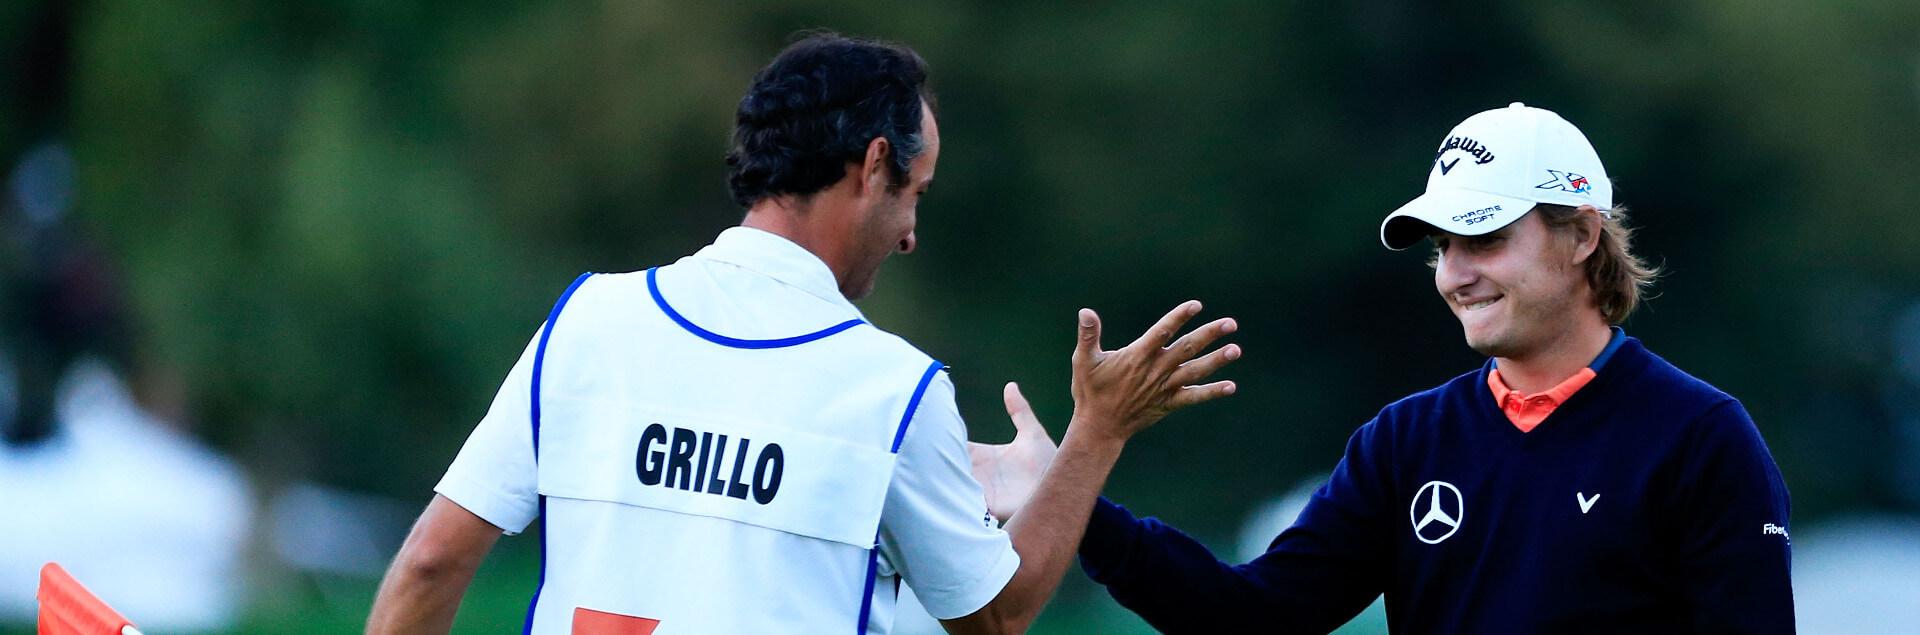 Profile cover of golfer named Emiliano Grillo